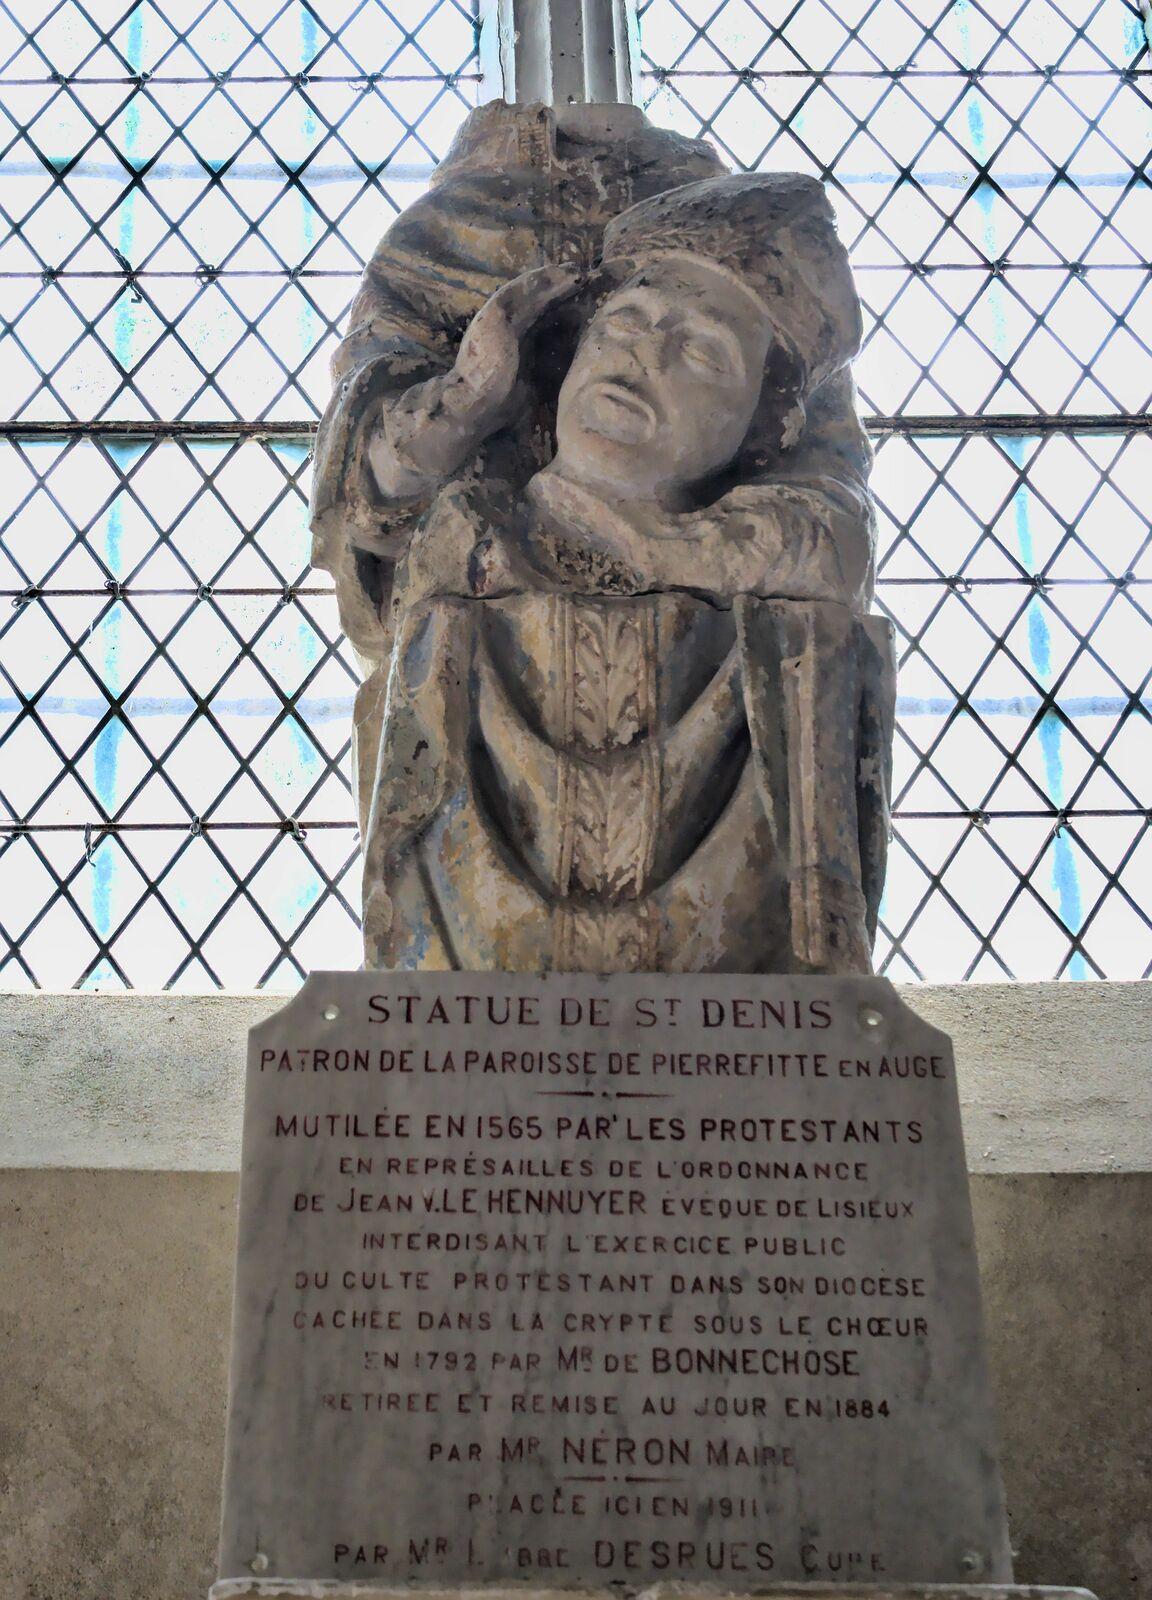 Eglise Saint-Denis, Pierrefitte en Auge